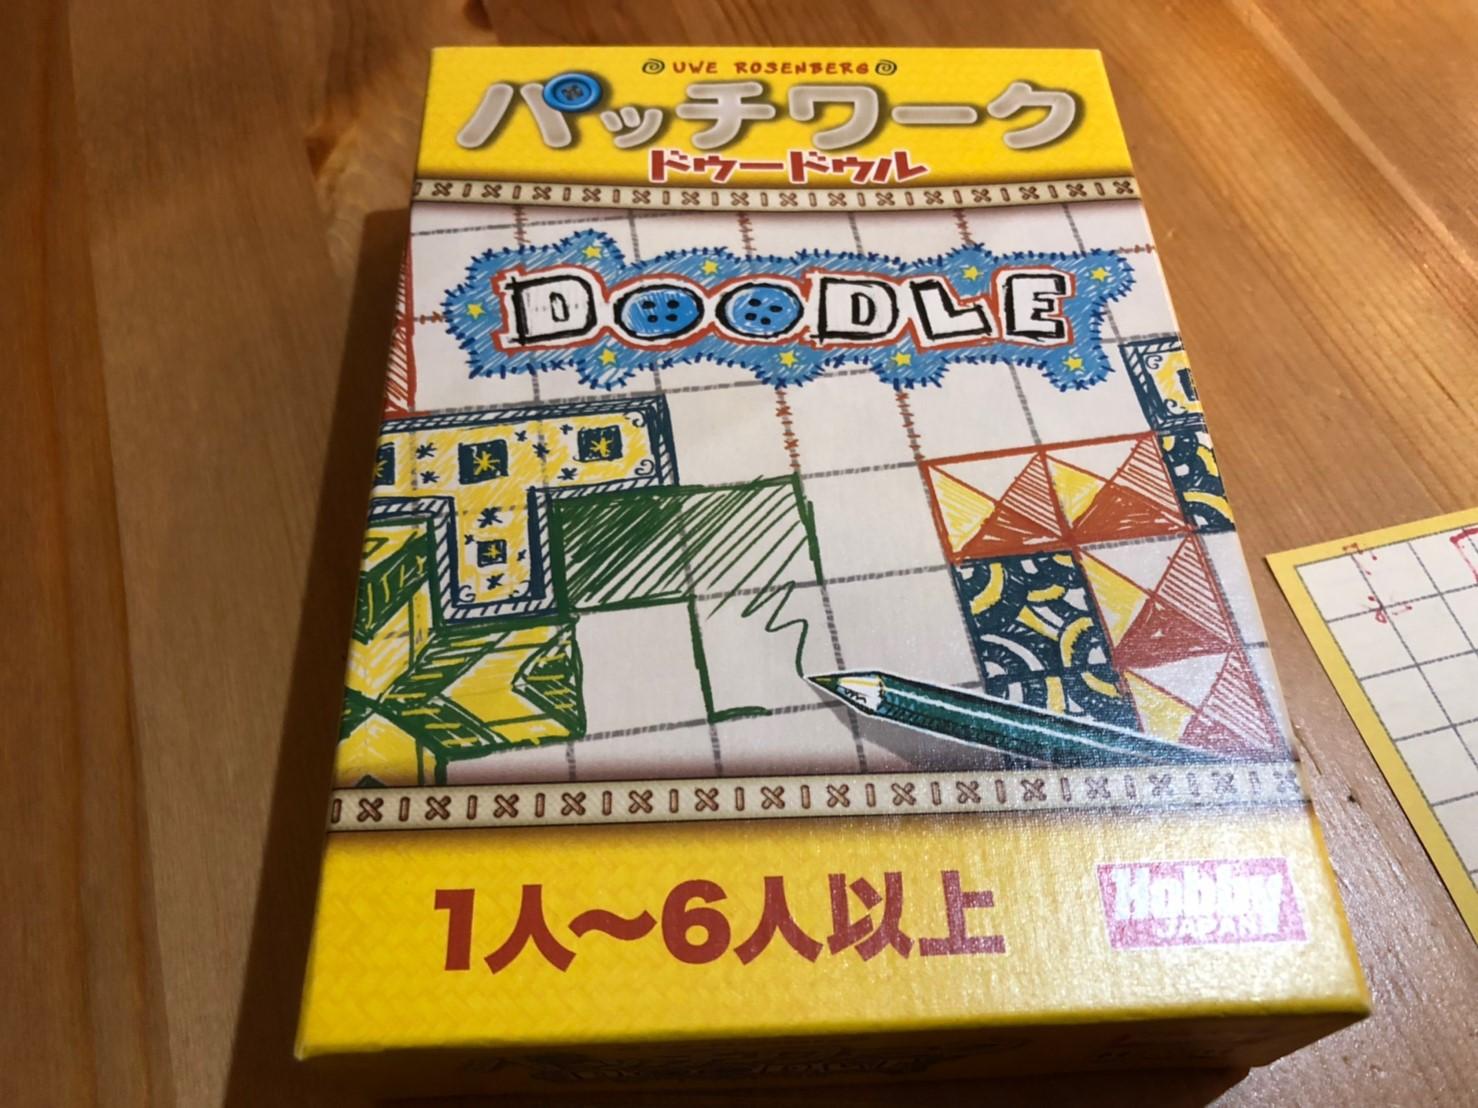 パッチワーク:ドゥードゥル 日本語版のボックスアート